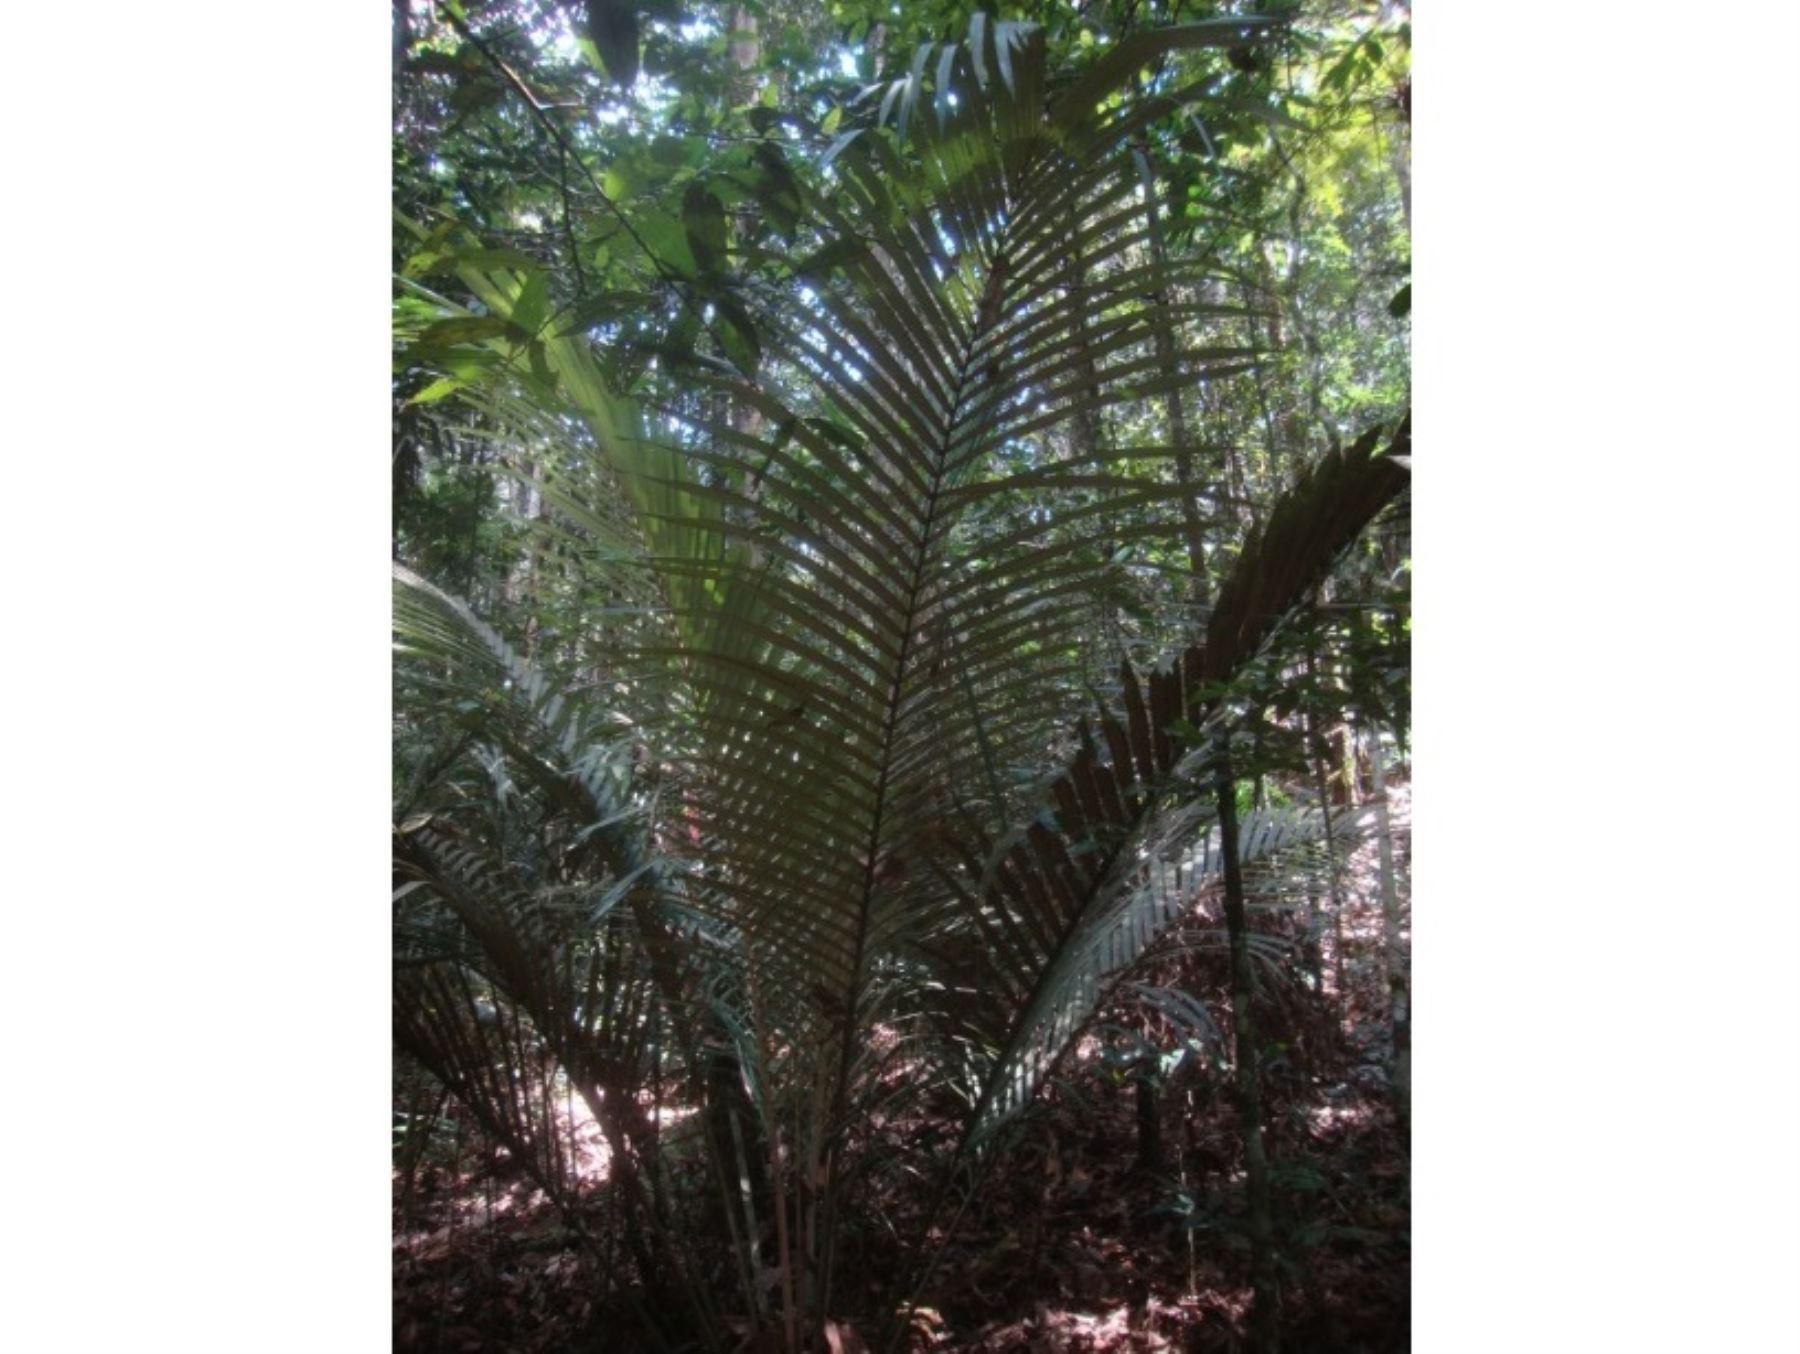 hallazgo-cientifico-descubren-nueva-especie-de-palmera-en-parque-nacional-cordillera-azul